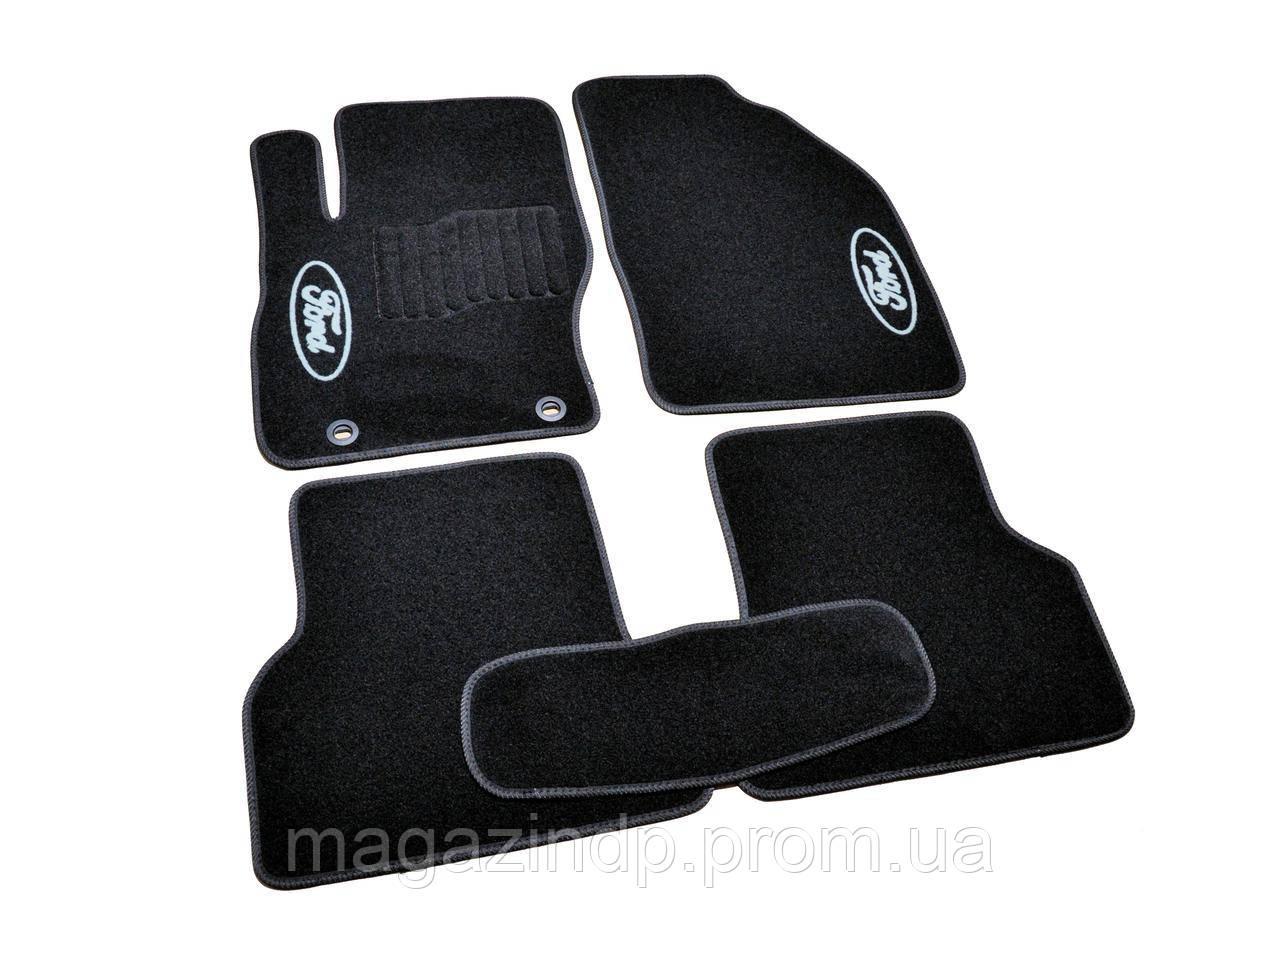 Коврики в салон ворсовые для Ford Focus II (2004-2011) /Чёрные, кт. 5шт BLCCR1150 Код товара: 3822725